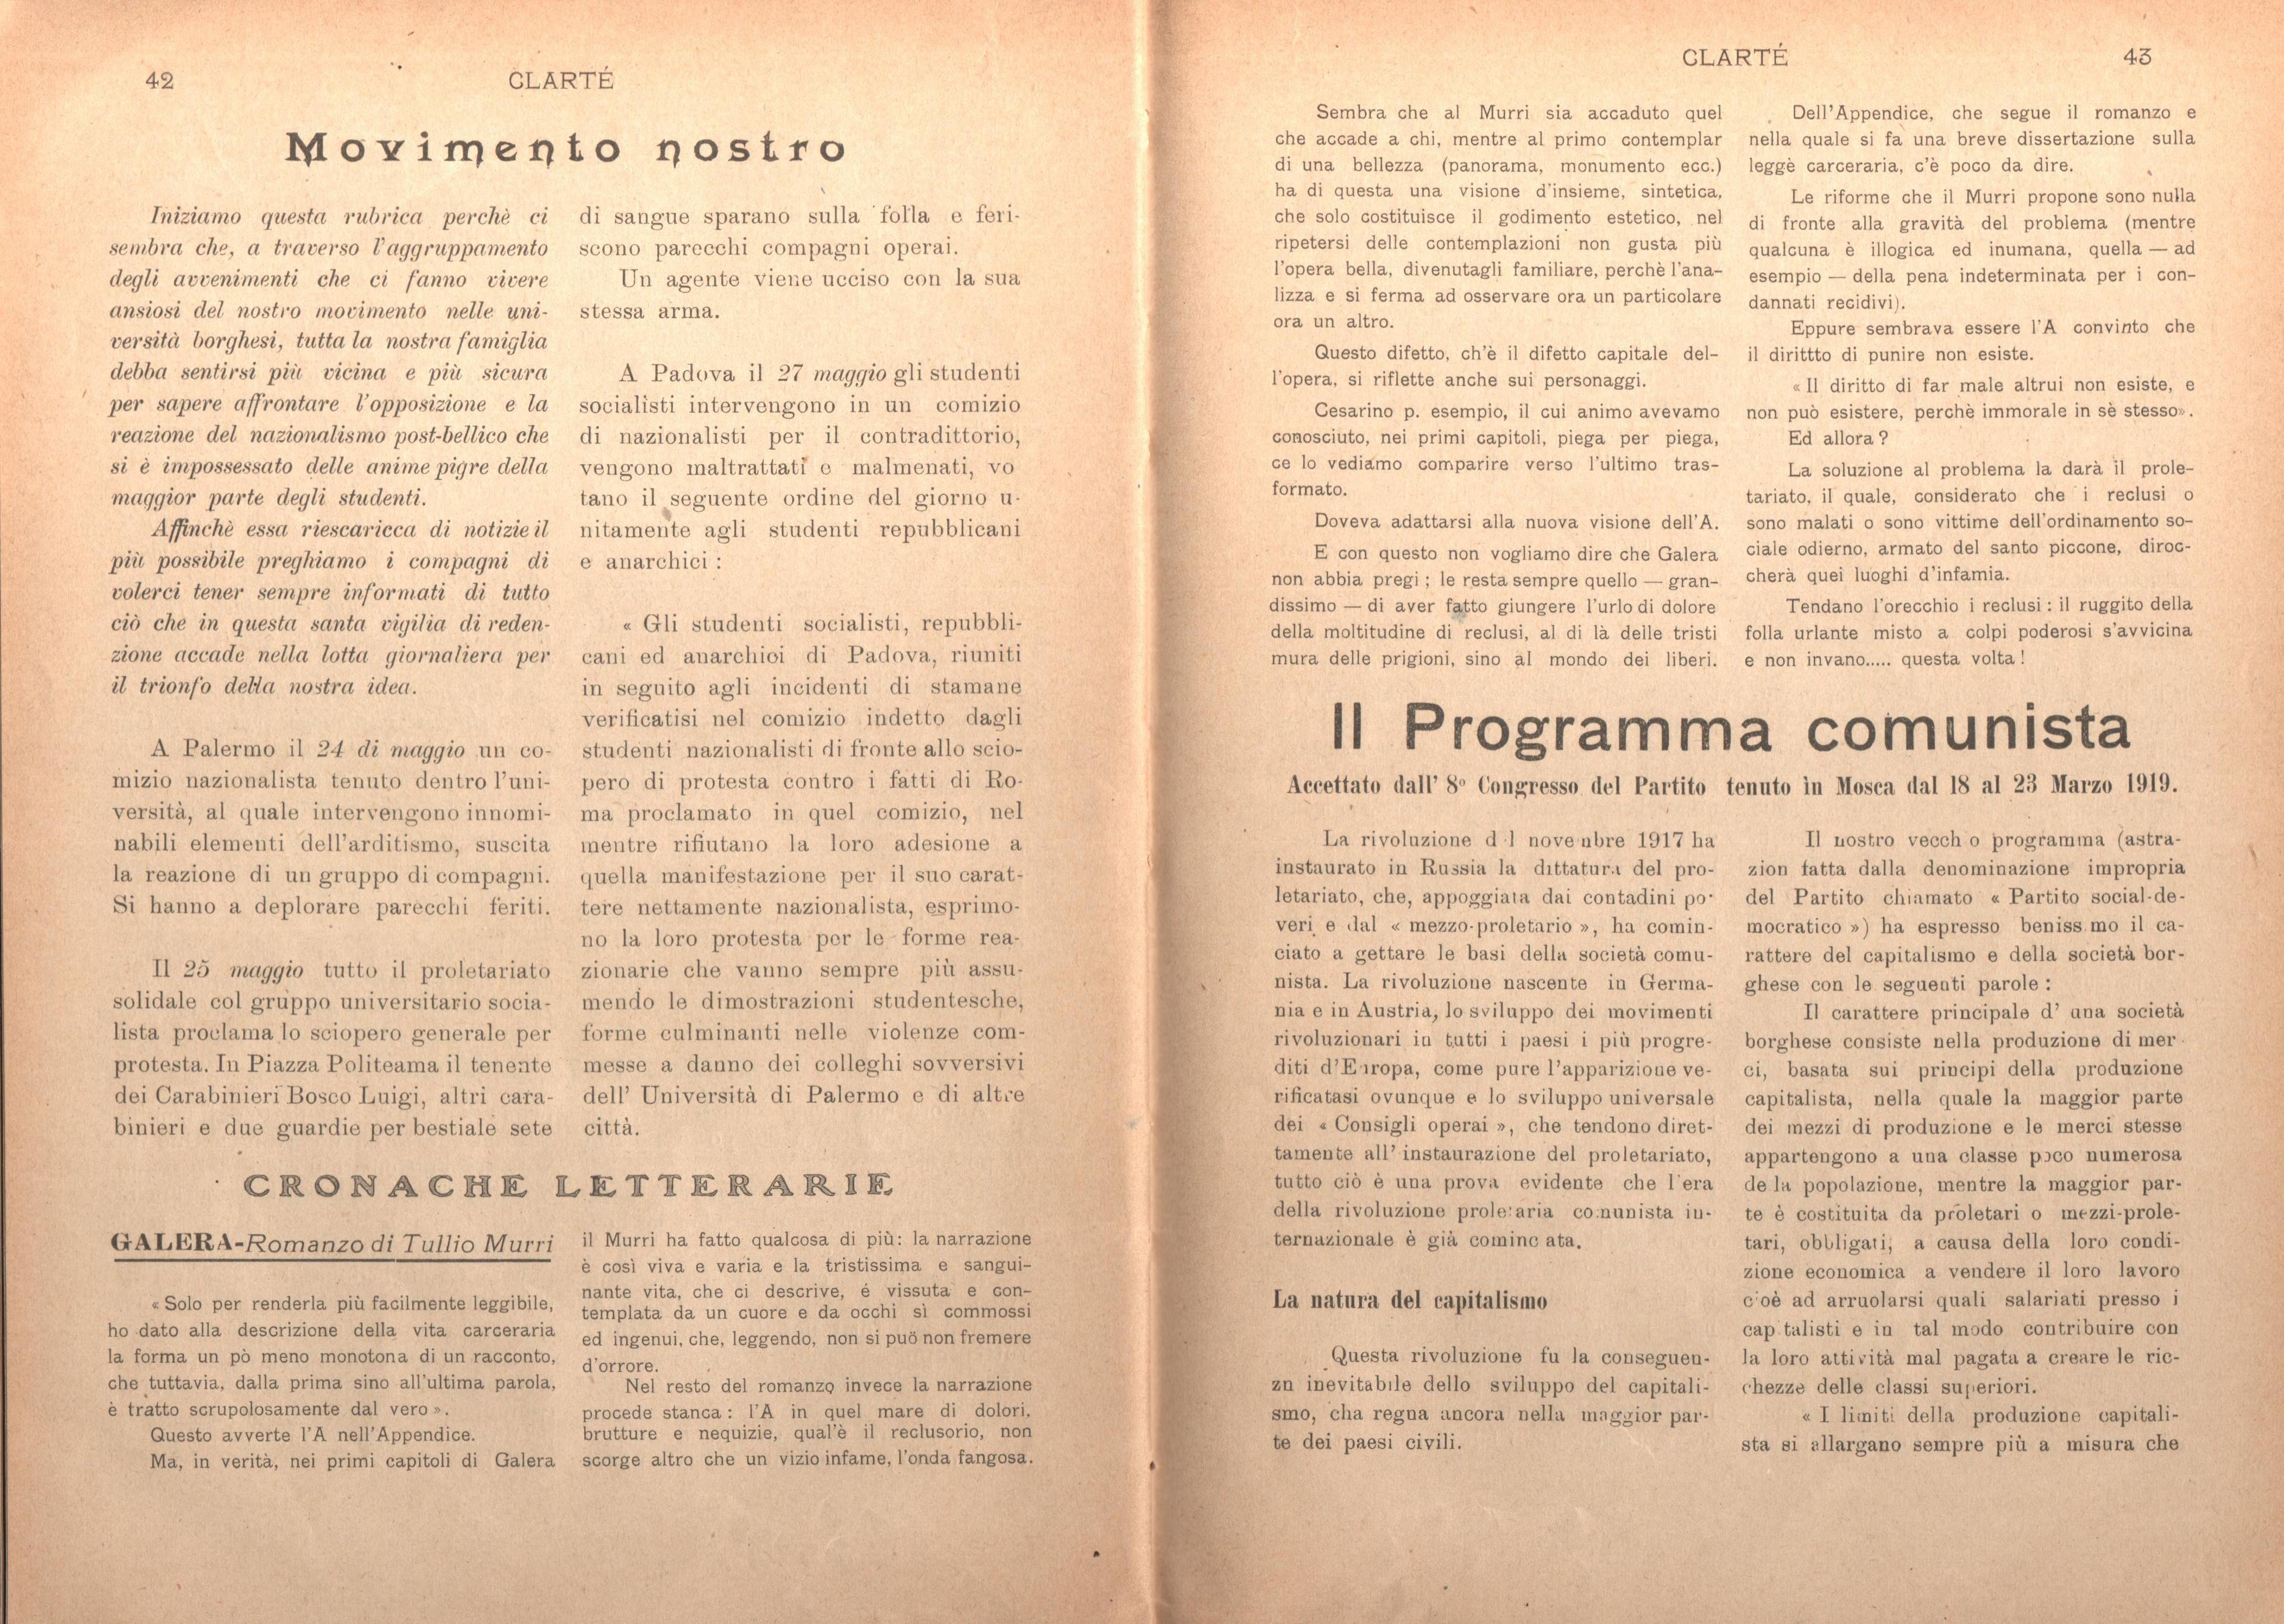 Clarté. Rivista mensile degli studenti comunisti (a. I, n. 2, Palermo, 15 giugno 1920) - pag. 11